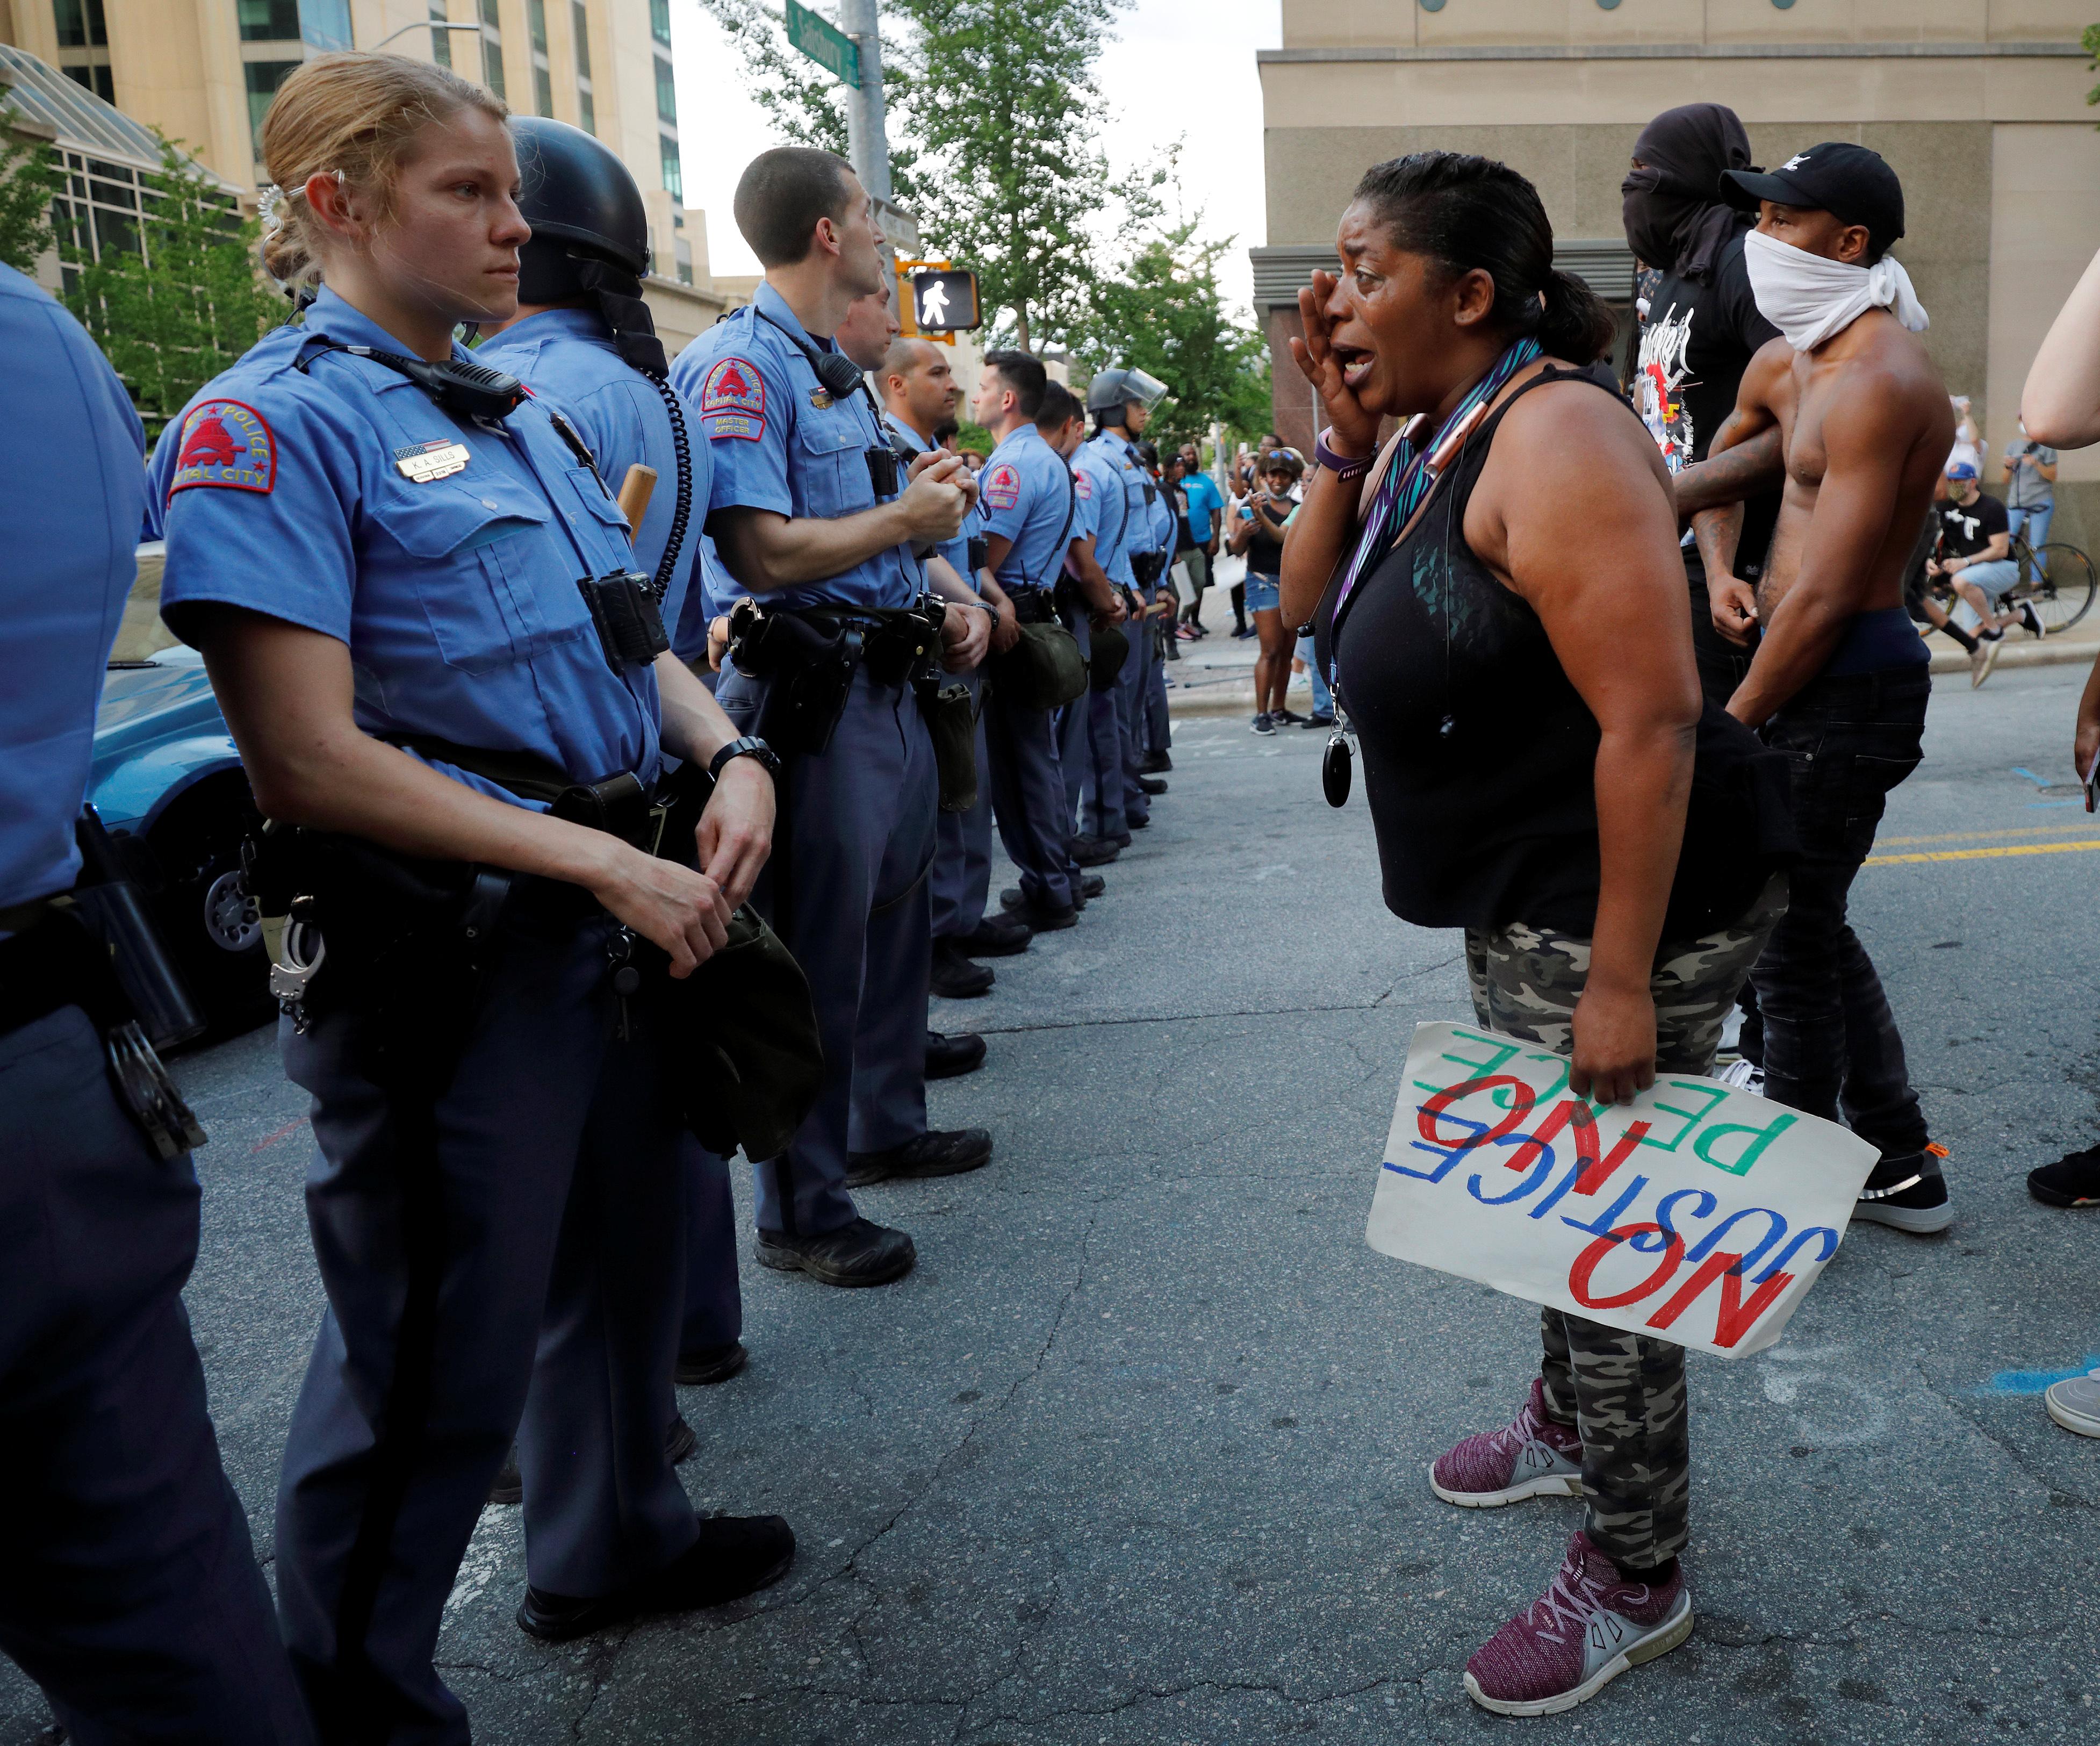 Los manifestantes discuten con oficiales que resguardan la protesta